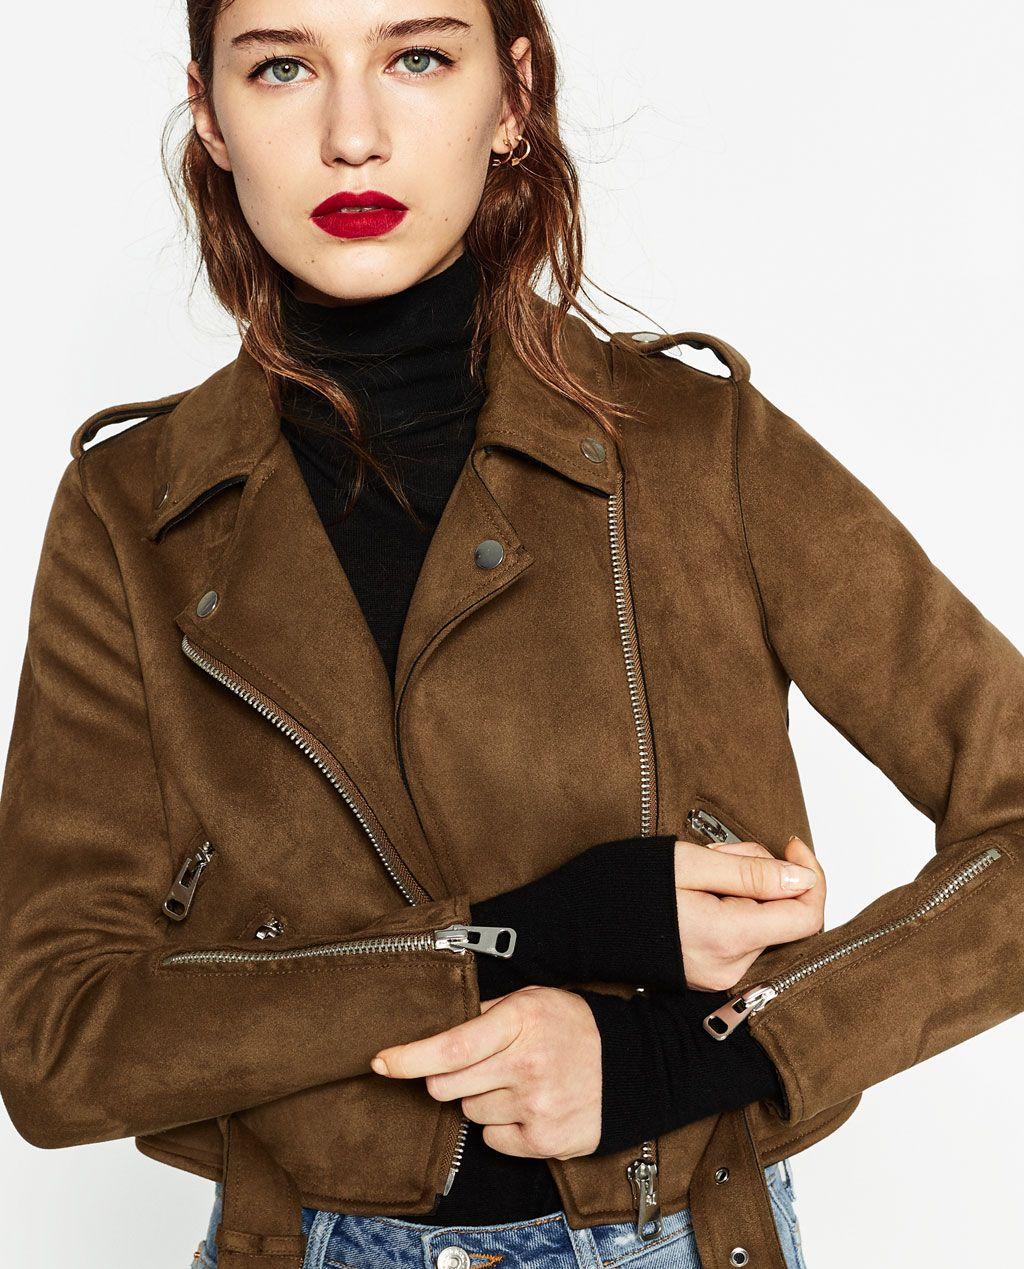 Image 2 of SUEDE EFFECT JACKET from Zara   Shopaholic   Jackets ... e2a9b07d1e6f